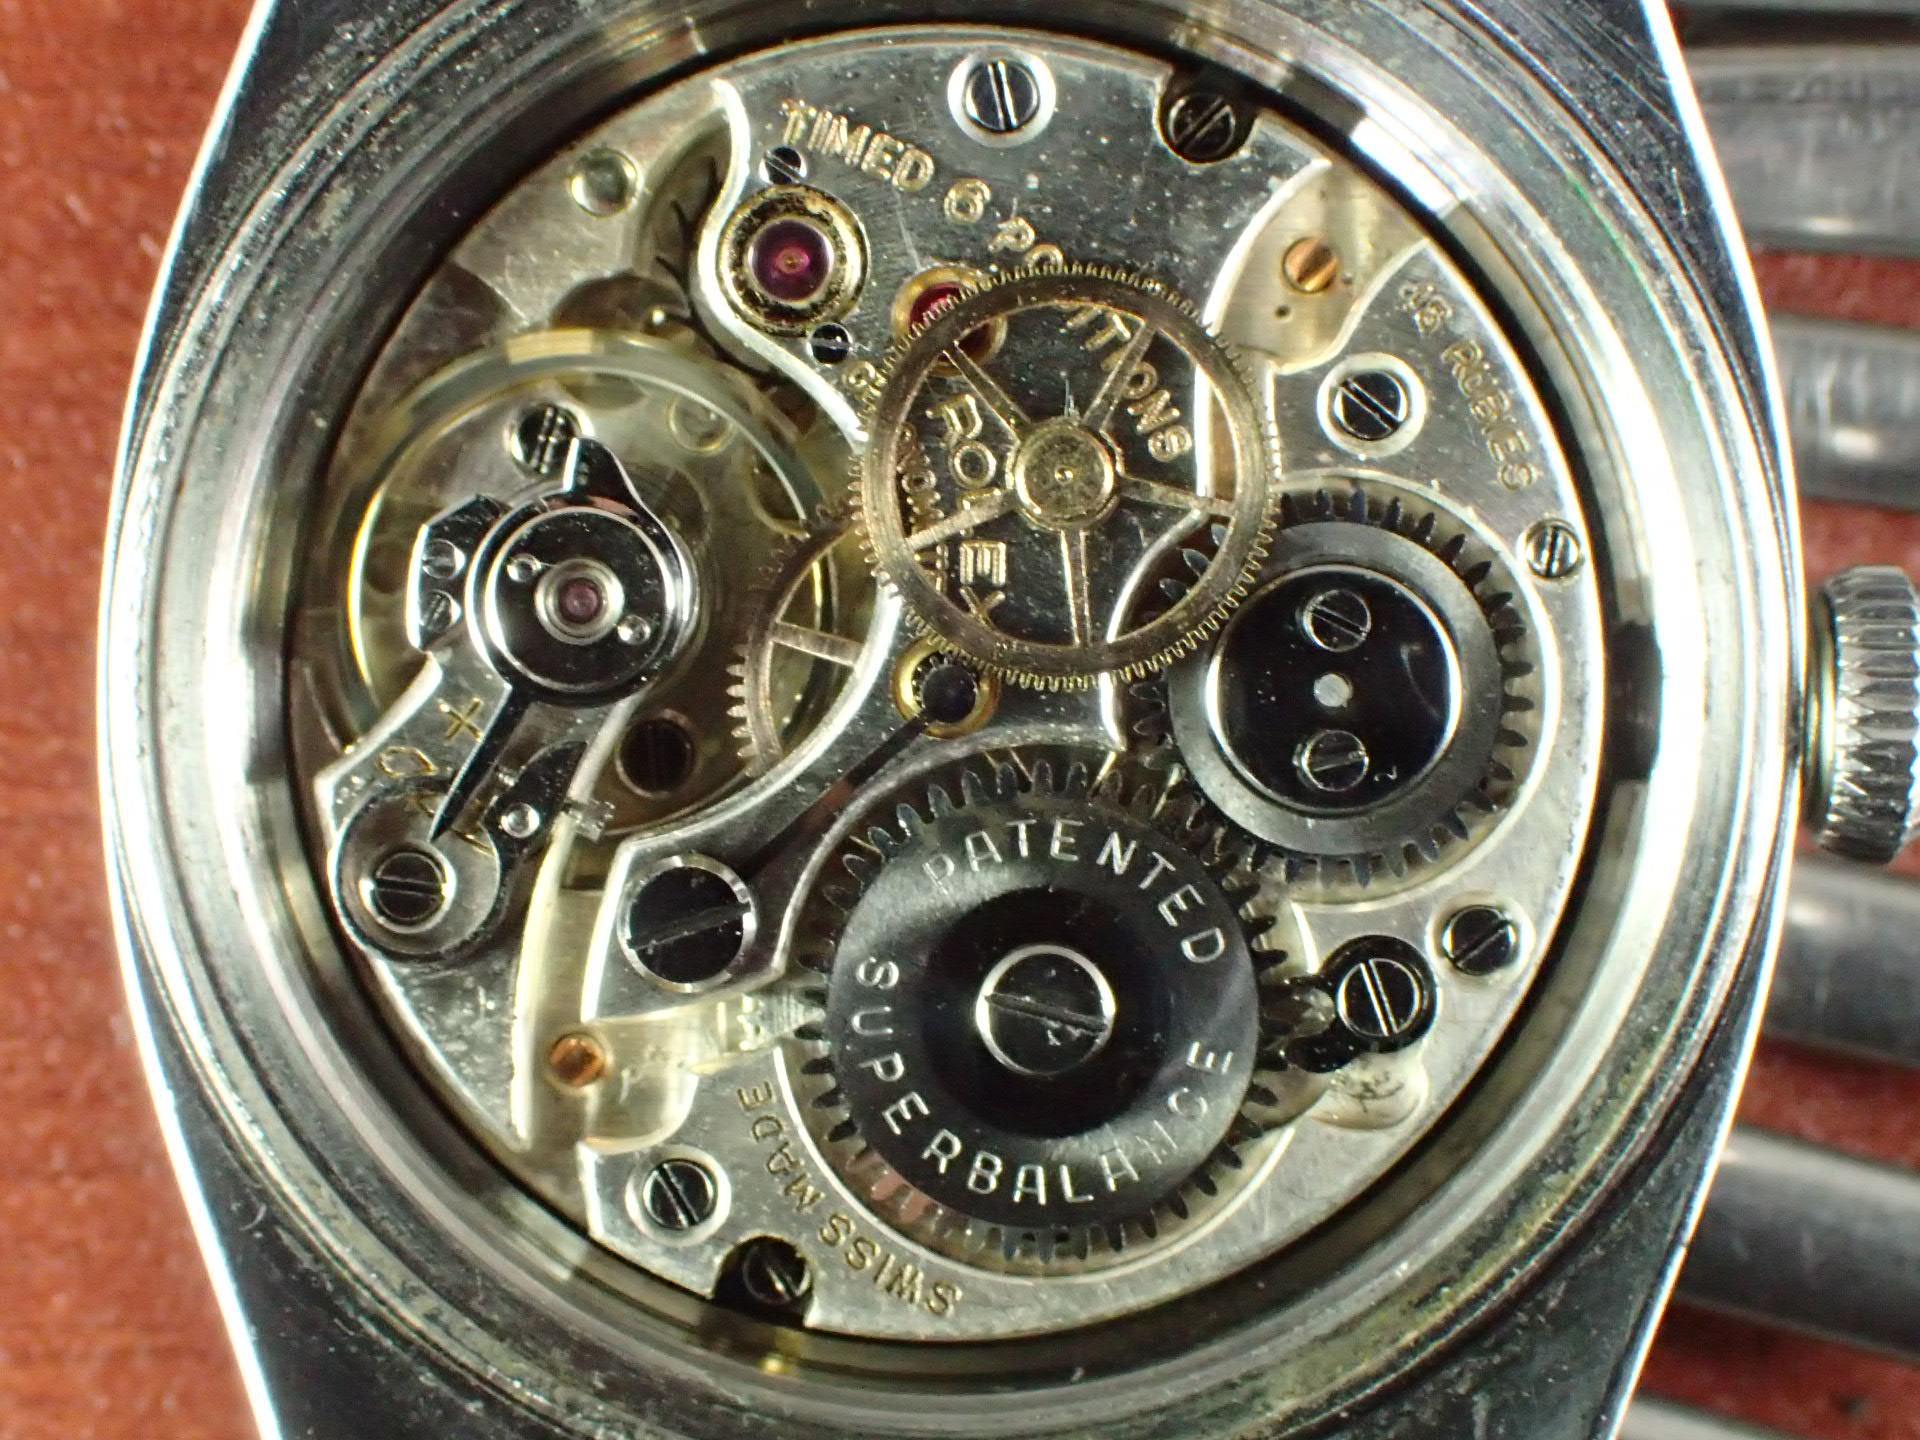 ロレックス オイスター クロノメーター Ref.3139 アーミーケース 1940年代の写真5枚目